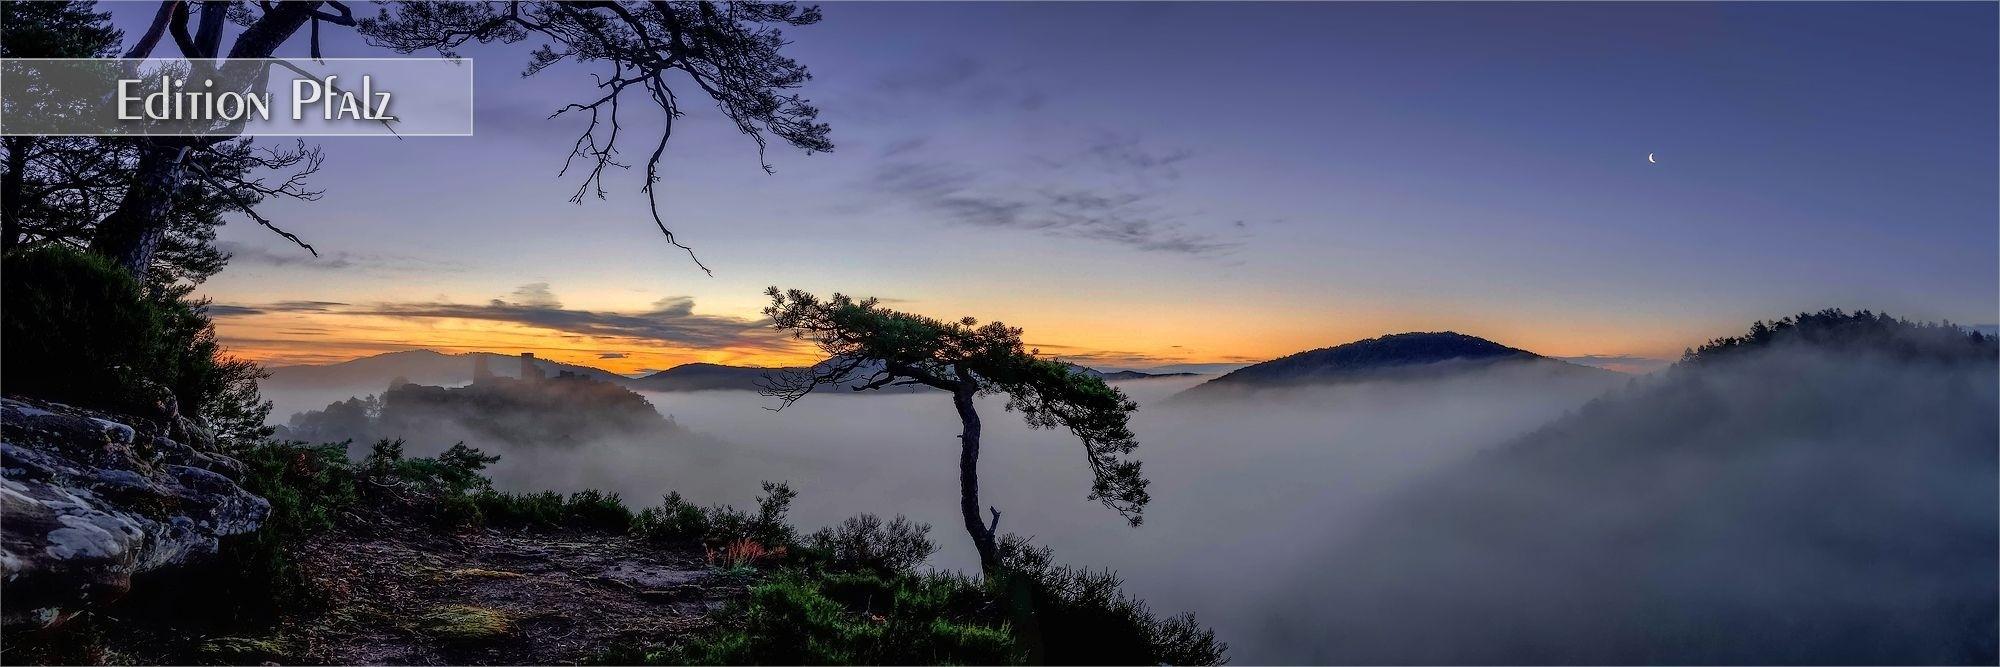 Panoramafotografien aus der Pfalz von Christian Gamio